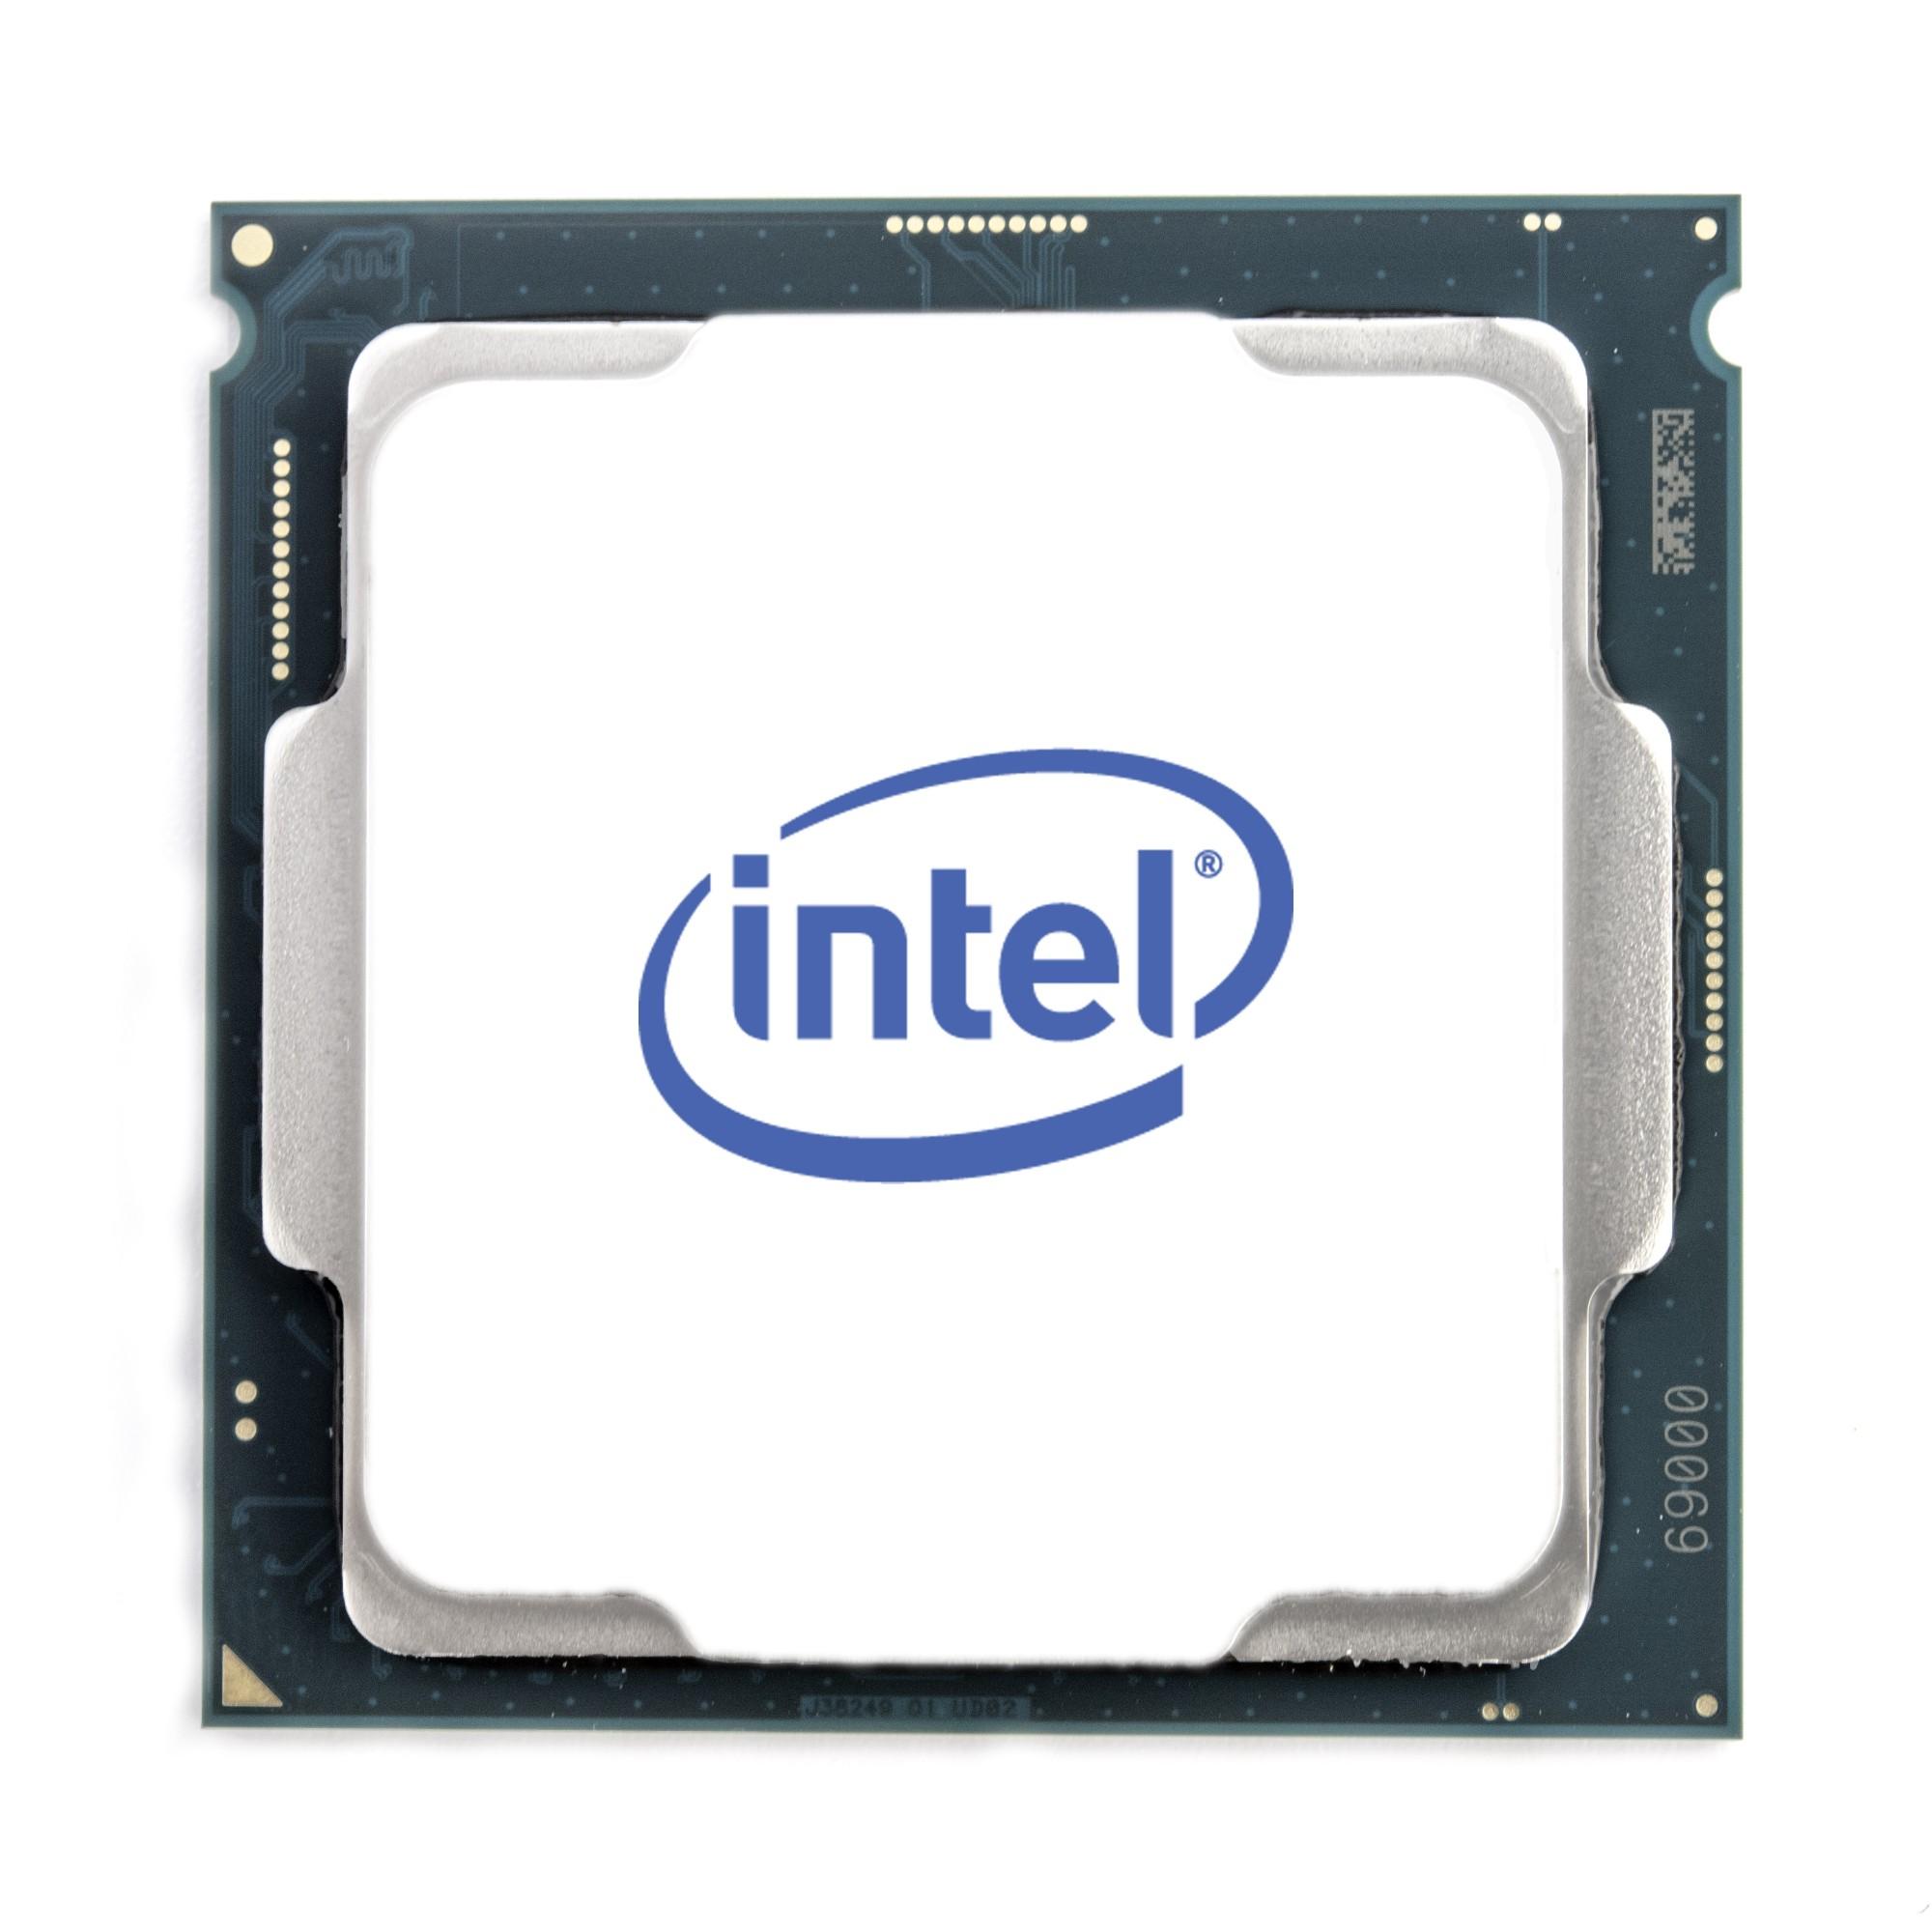 Intel Core i7-10700F processor 2.9 GHz 16 MB Smart Cache Box